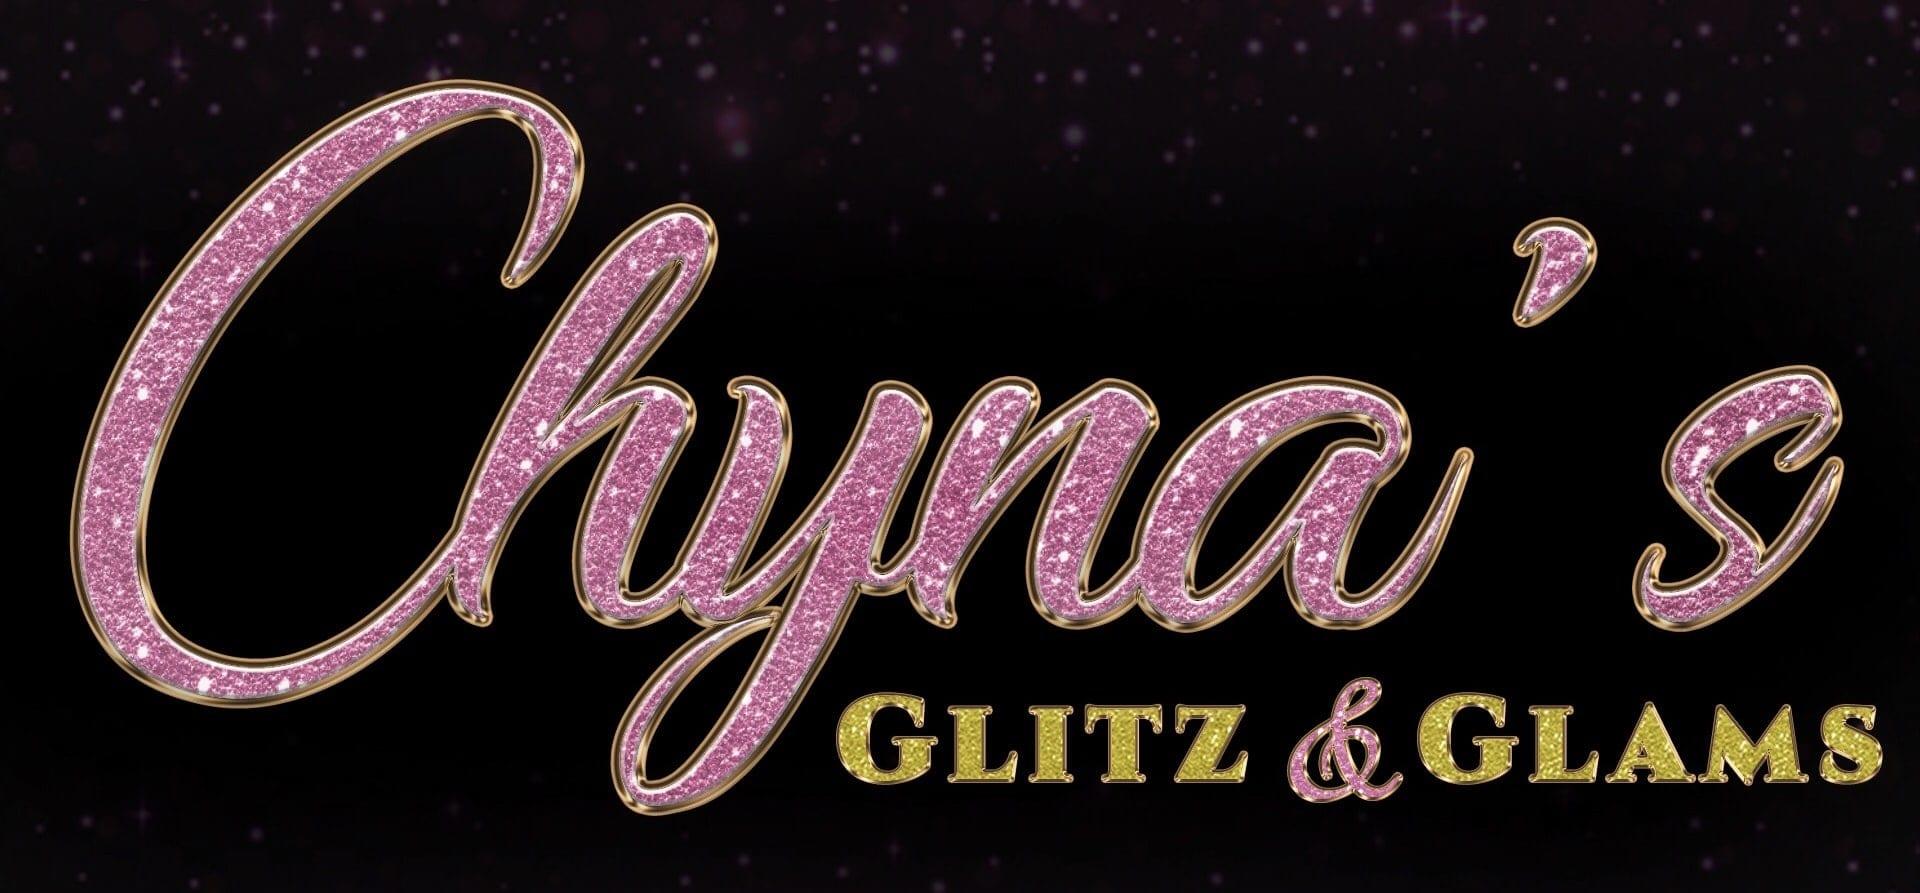 Chyna'sGlitz&Glams